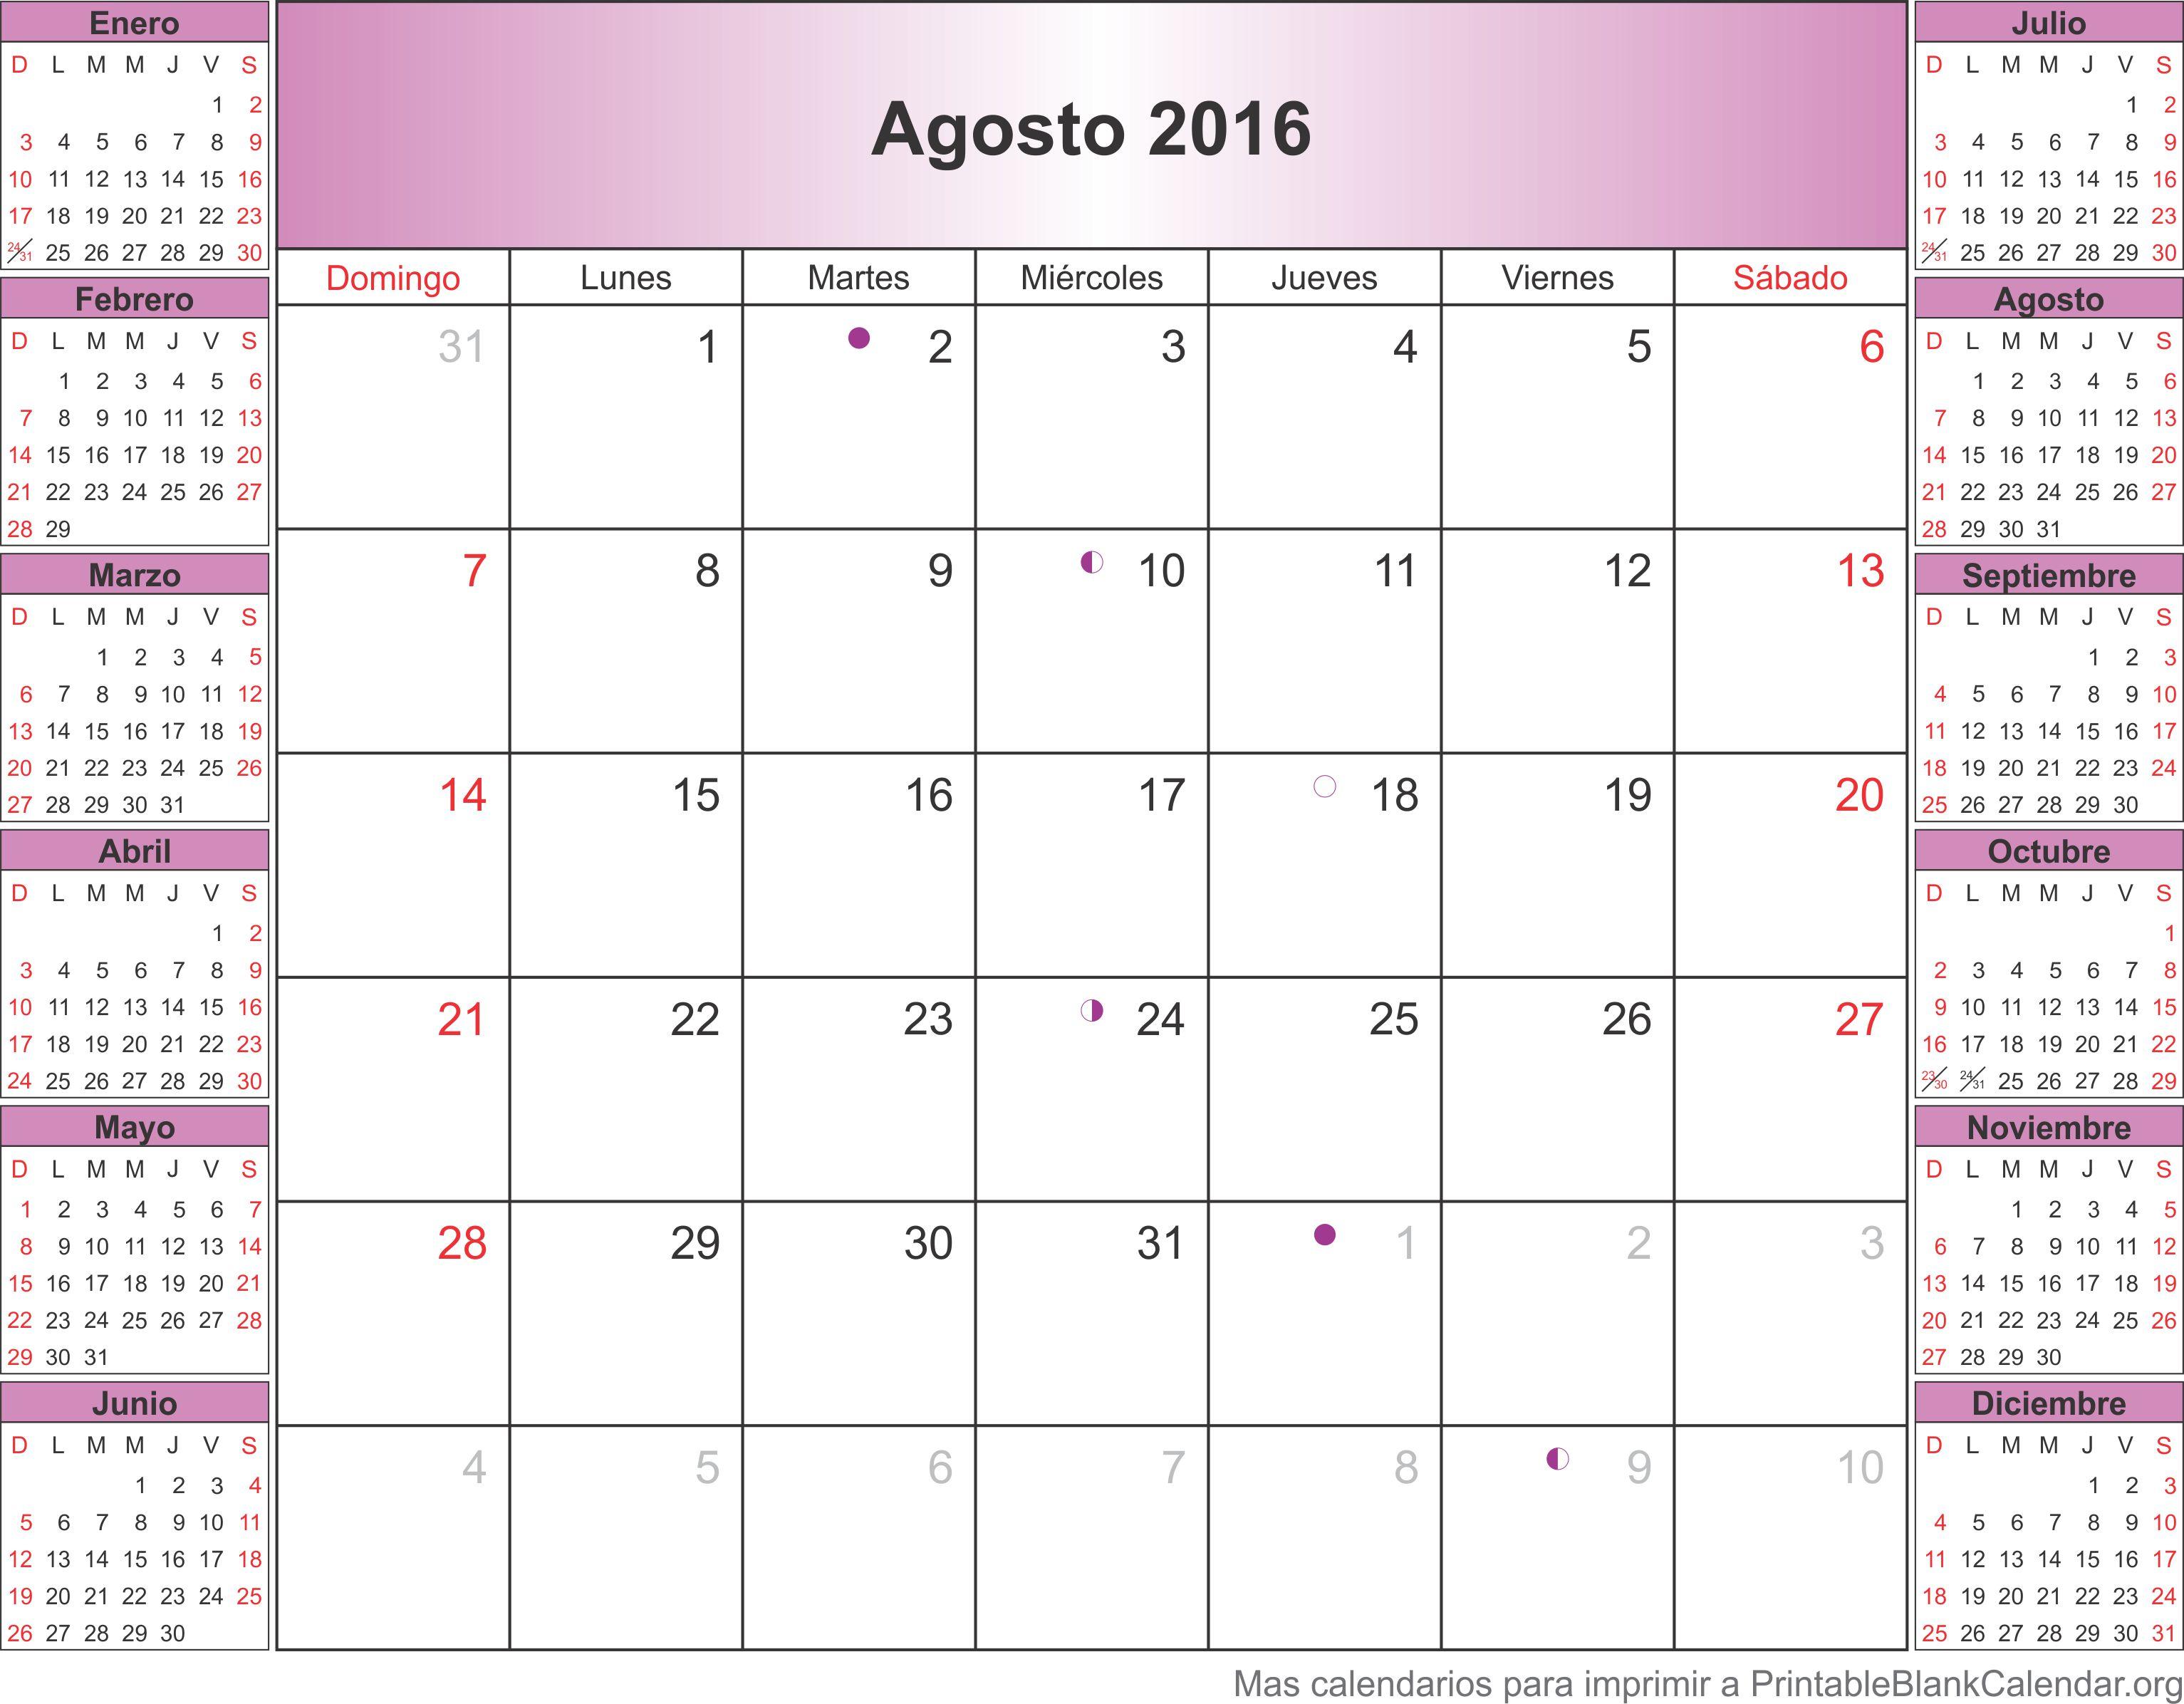 agosto 2016 calendario - Calendarios Para Imprimir